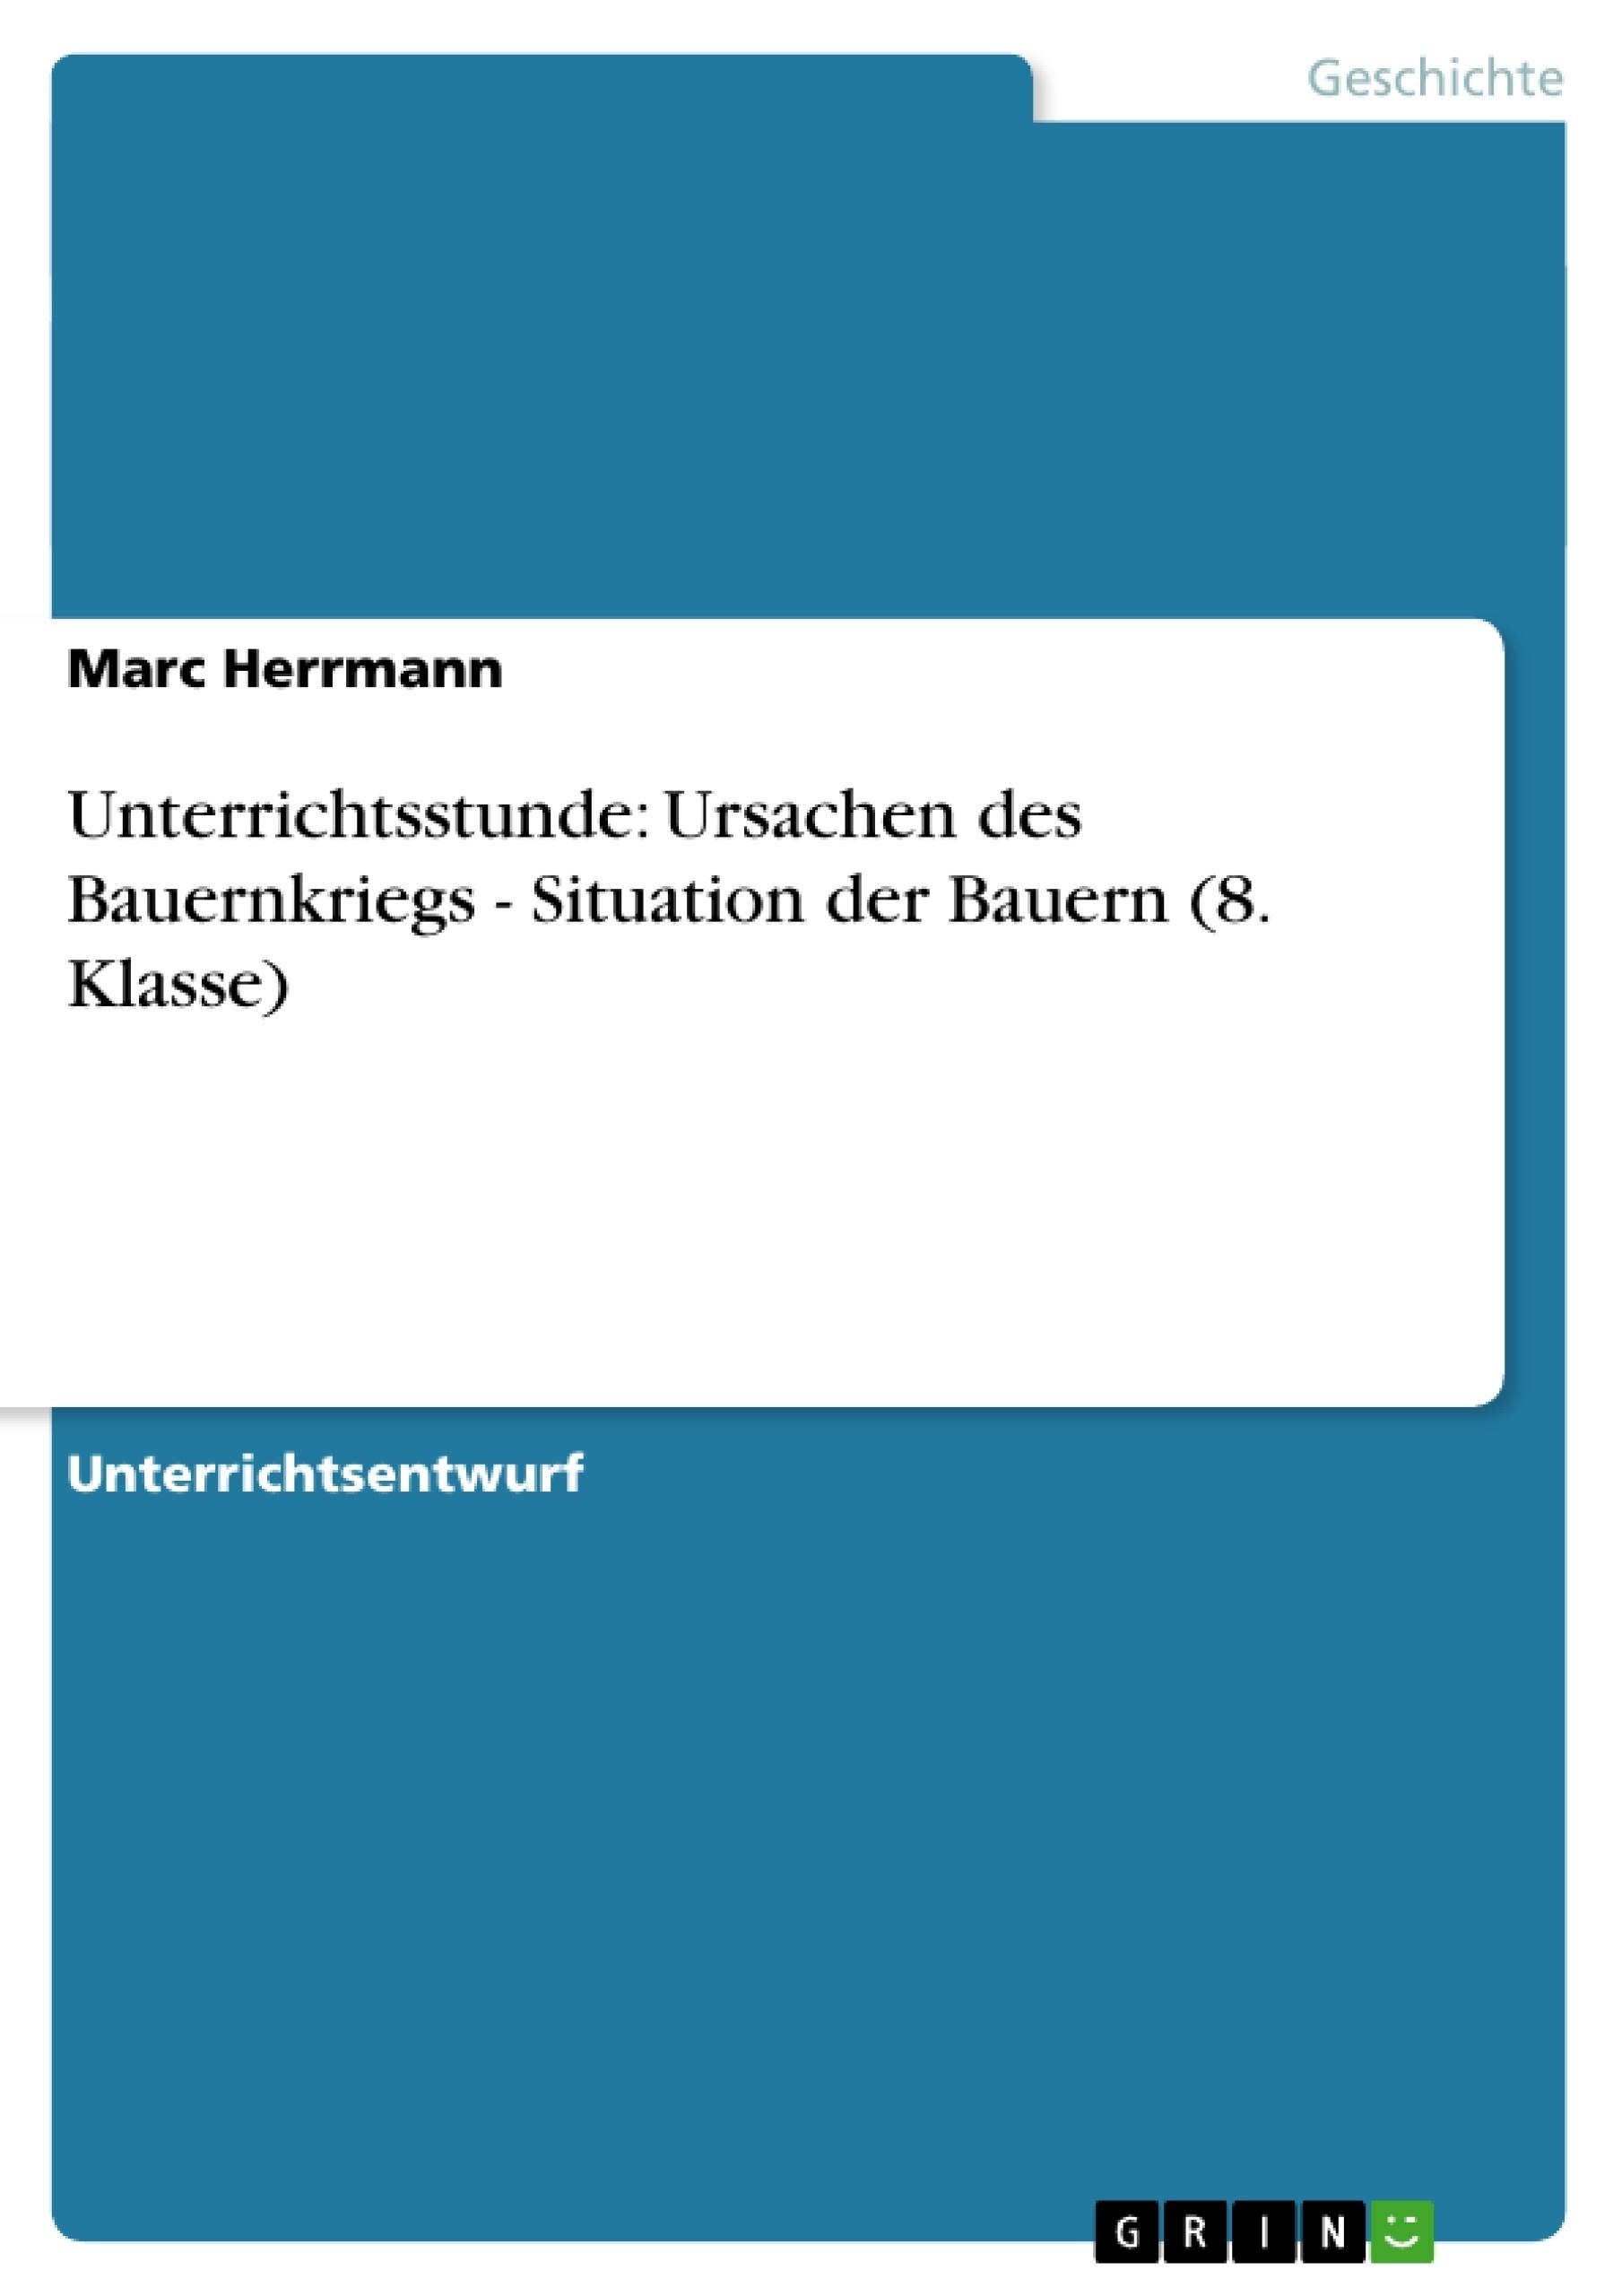 Titel: Unterrichtsstunde: Ursachen des Bauernkriegs - Situation der Bauern (8. Klasse)